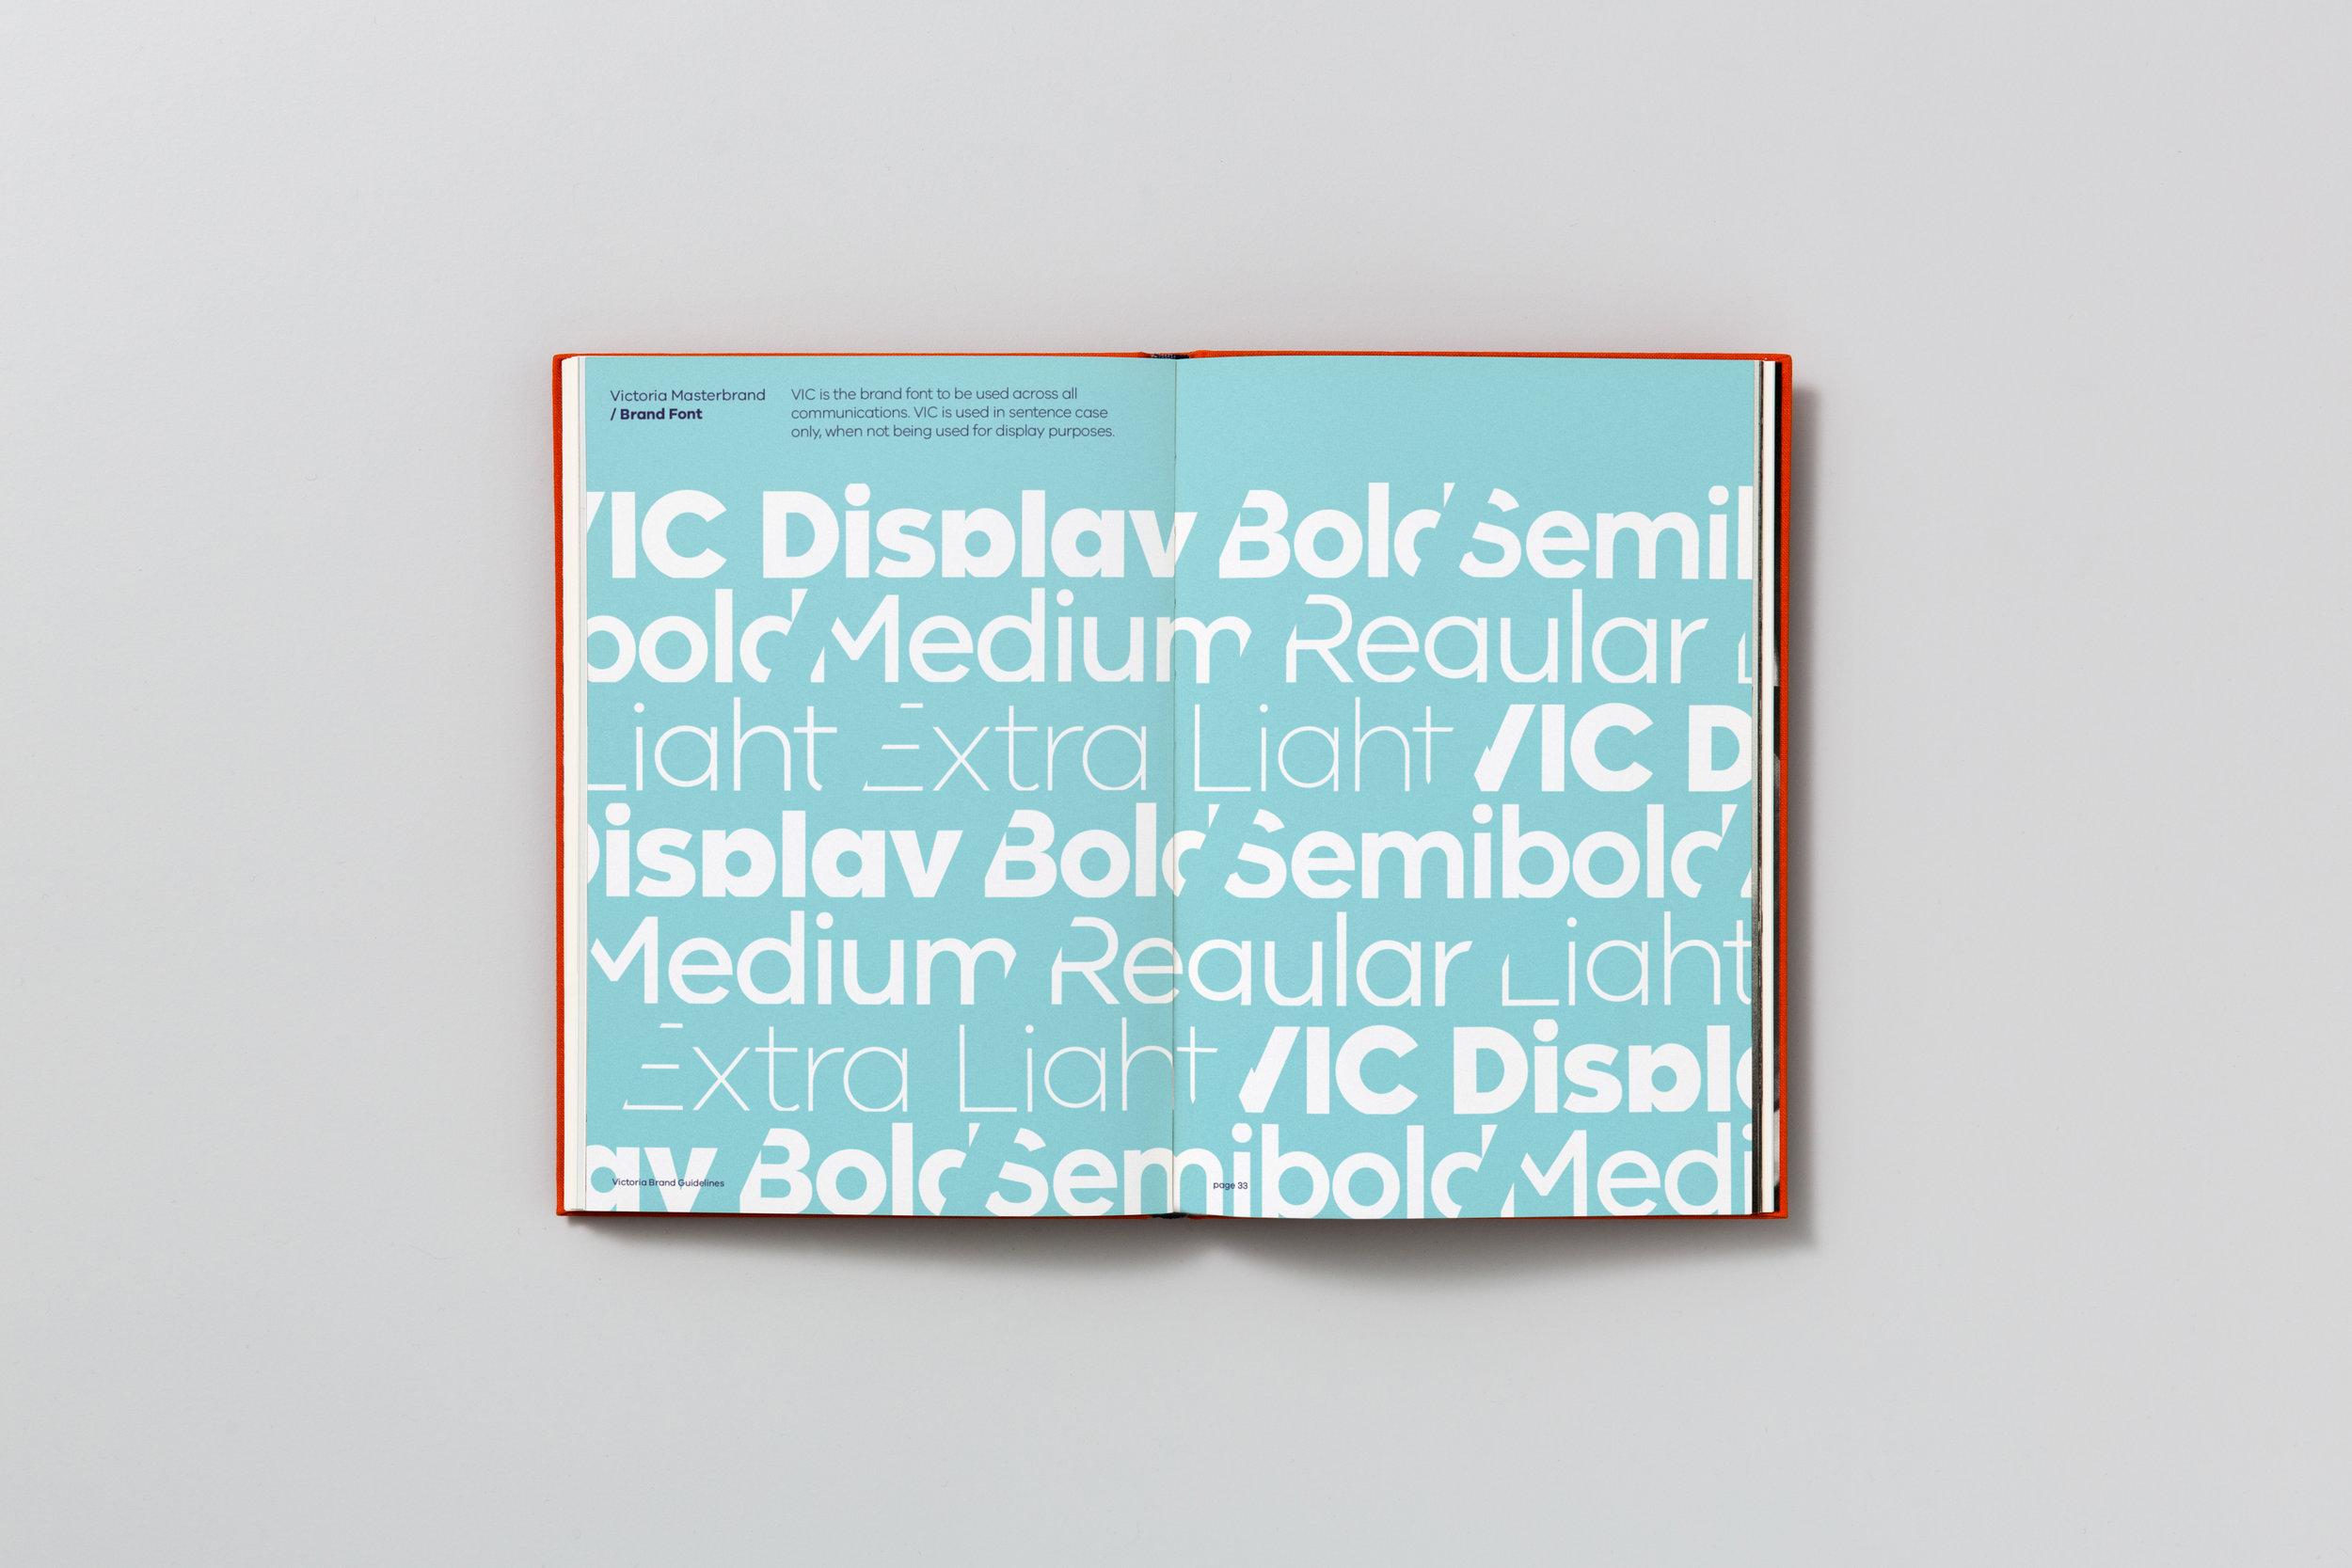 VICGuidelines_SP2.jpg